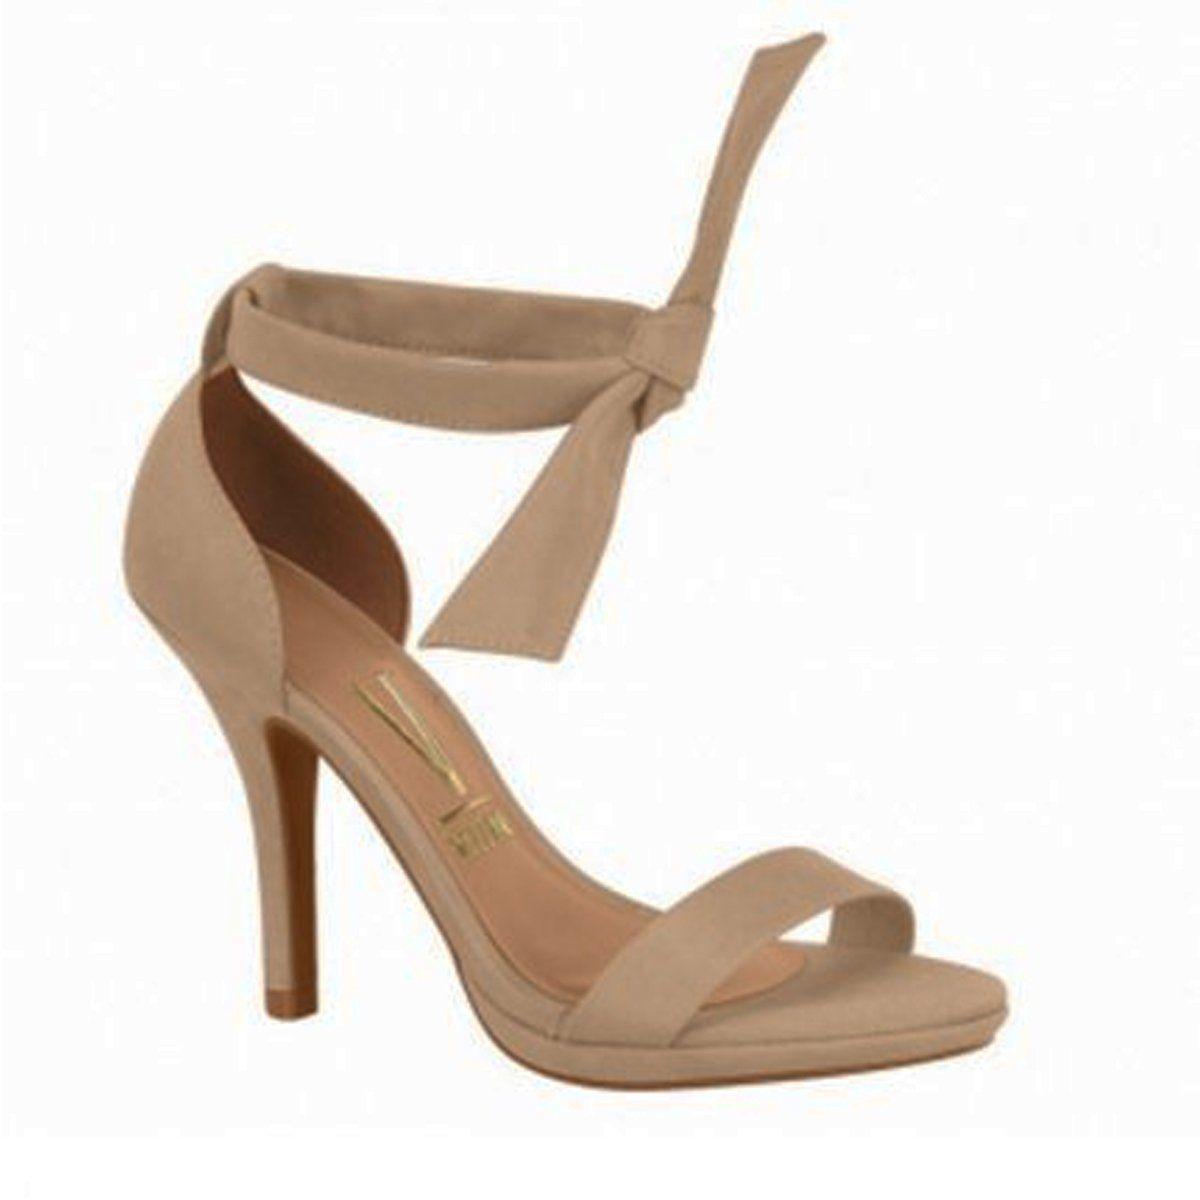 36e7b427b Compre Online Sandália de salto fino com laço no tornozelo Vizzano 6210.458